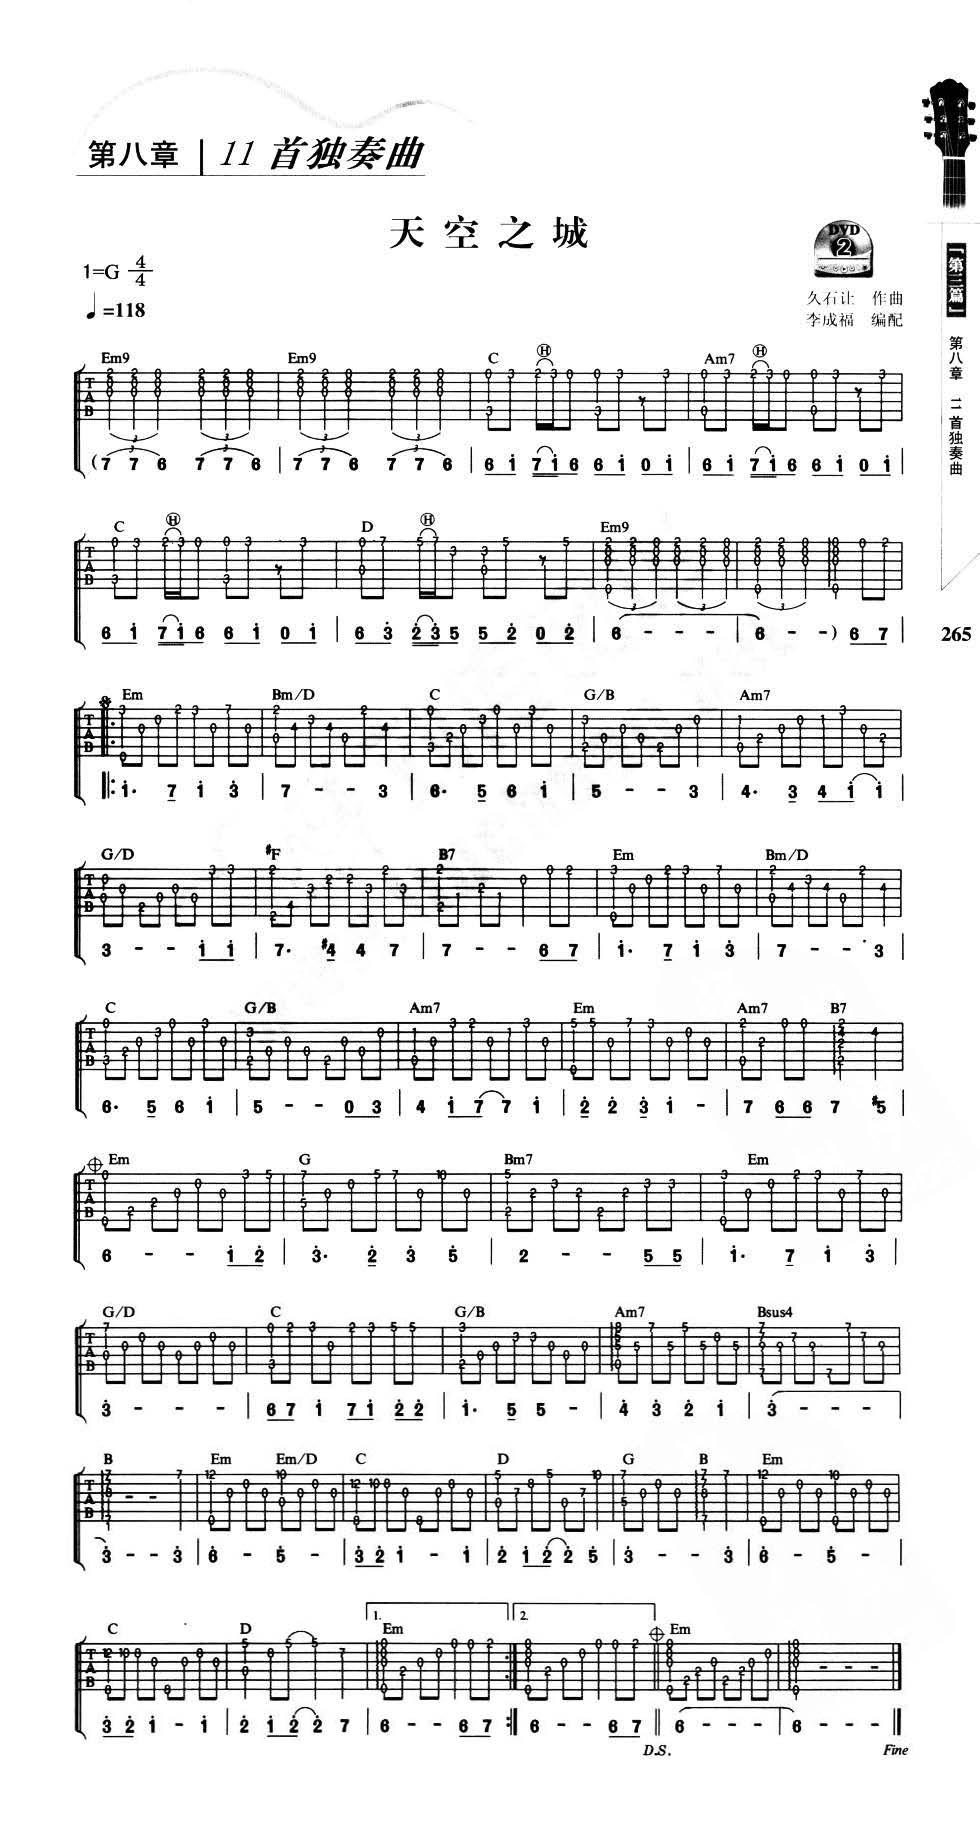 天空之城吉他谱带指,天空之城吉他指,天空之城吉他指图,天空之城图片